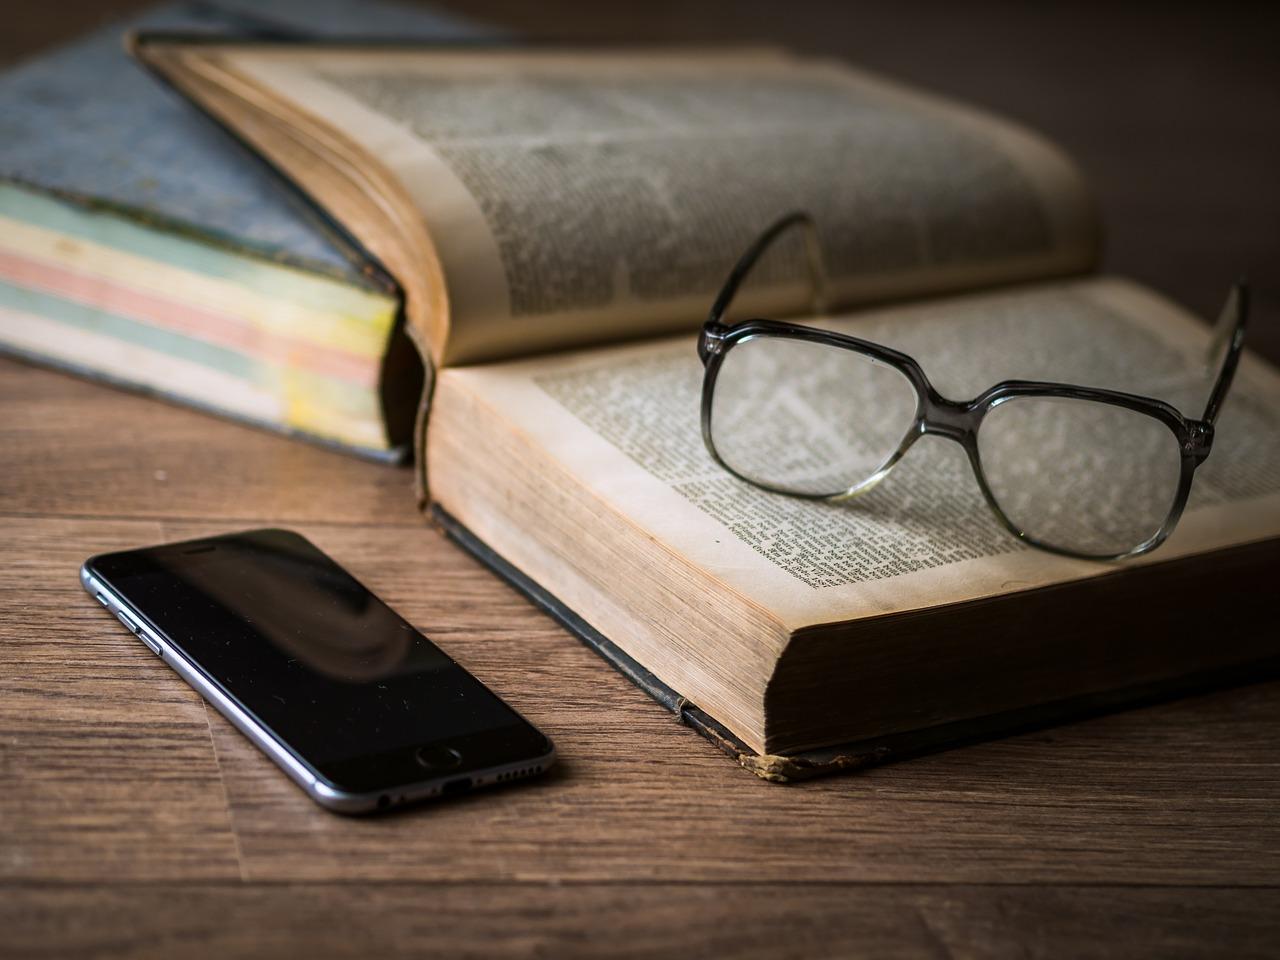 Leggere e scrivere immersi nei media: rallentare, pensare, discernere